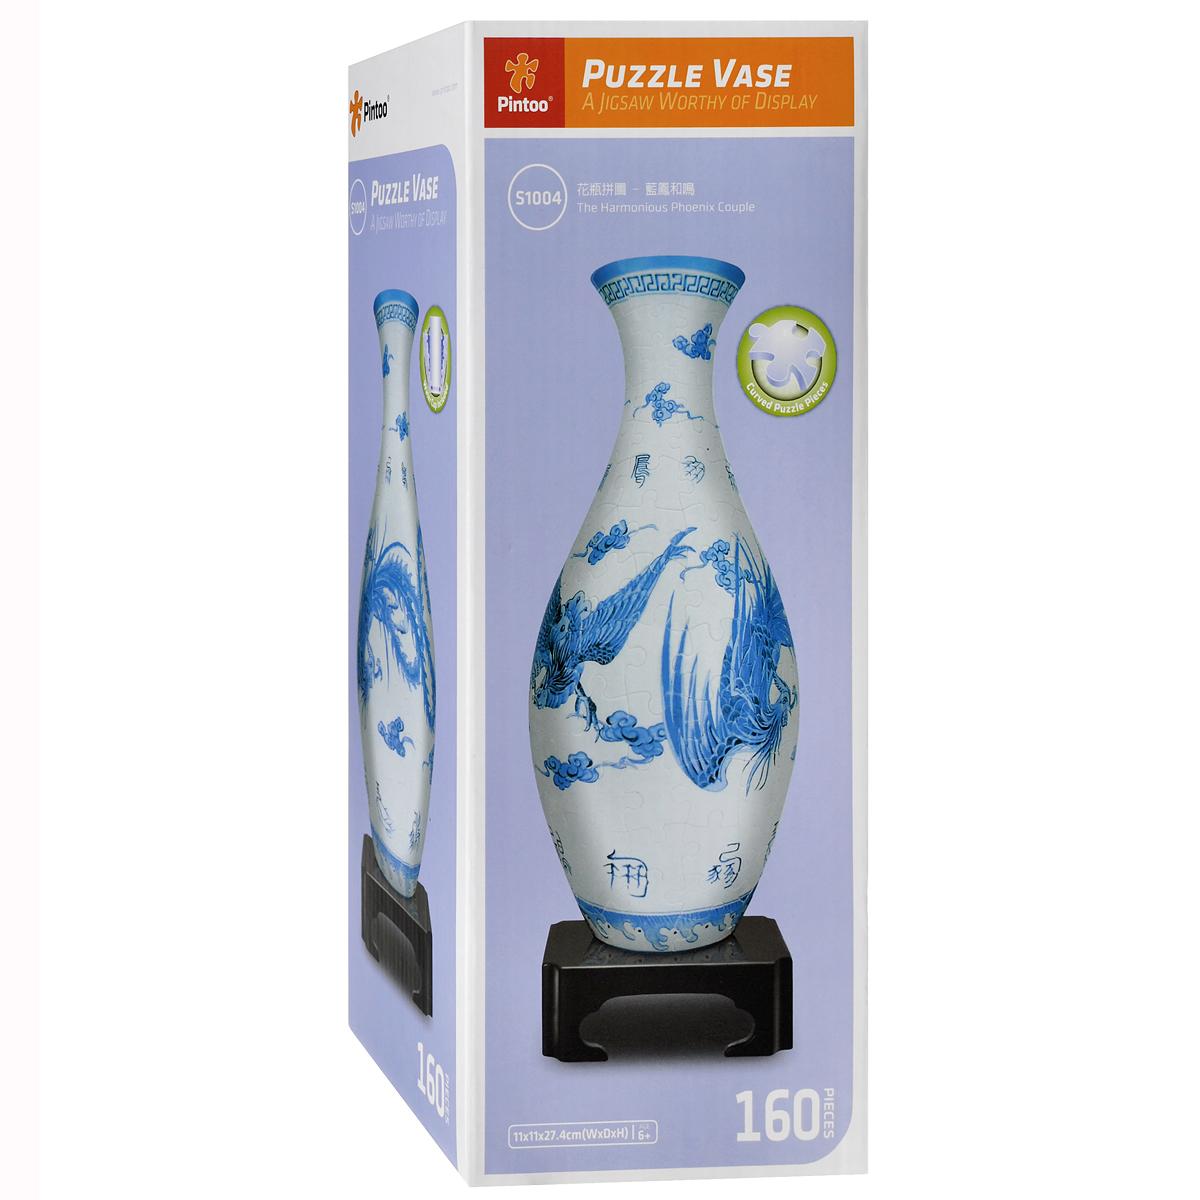 Ваза Гармоничная пара. Объемный 3D-пазл, 160 элементовS1004Объемный 3D-пазл Ваза «Гармоничная пара» - прекрасный способ провести время увлекательно и с пользой. Комплект включает в себя 160 пластиковых элементов пазла, из которых вы сможете собрать оригинальную вазу для цветов, а также горлышко, дно и подставка для вазы и емкость для воды. Элементы пазла плотно фиксируются одна с другой без клея и образуют прочную конструкцию. Внутрь вазы помещается колба (емкость для воды), в которую можно налить воду и поставить живые цветы. Пазл - великолепная игра для семейного досуга, захватывающая и взрослых и детей. Сегодня собирание пазлов стало особенно популярным, главным образом, благодаря своей многообразной тематике, способной удовлетворить самый взыскательный вкус. Всегда приятно находиться в кругу семьи или друзей и собирать из разрозненных кусочков увлекательные сюжеты.